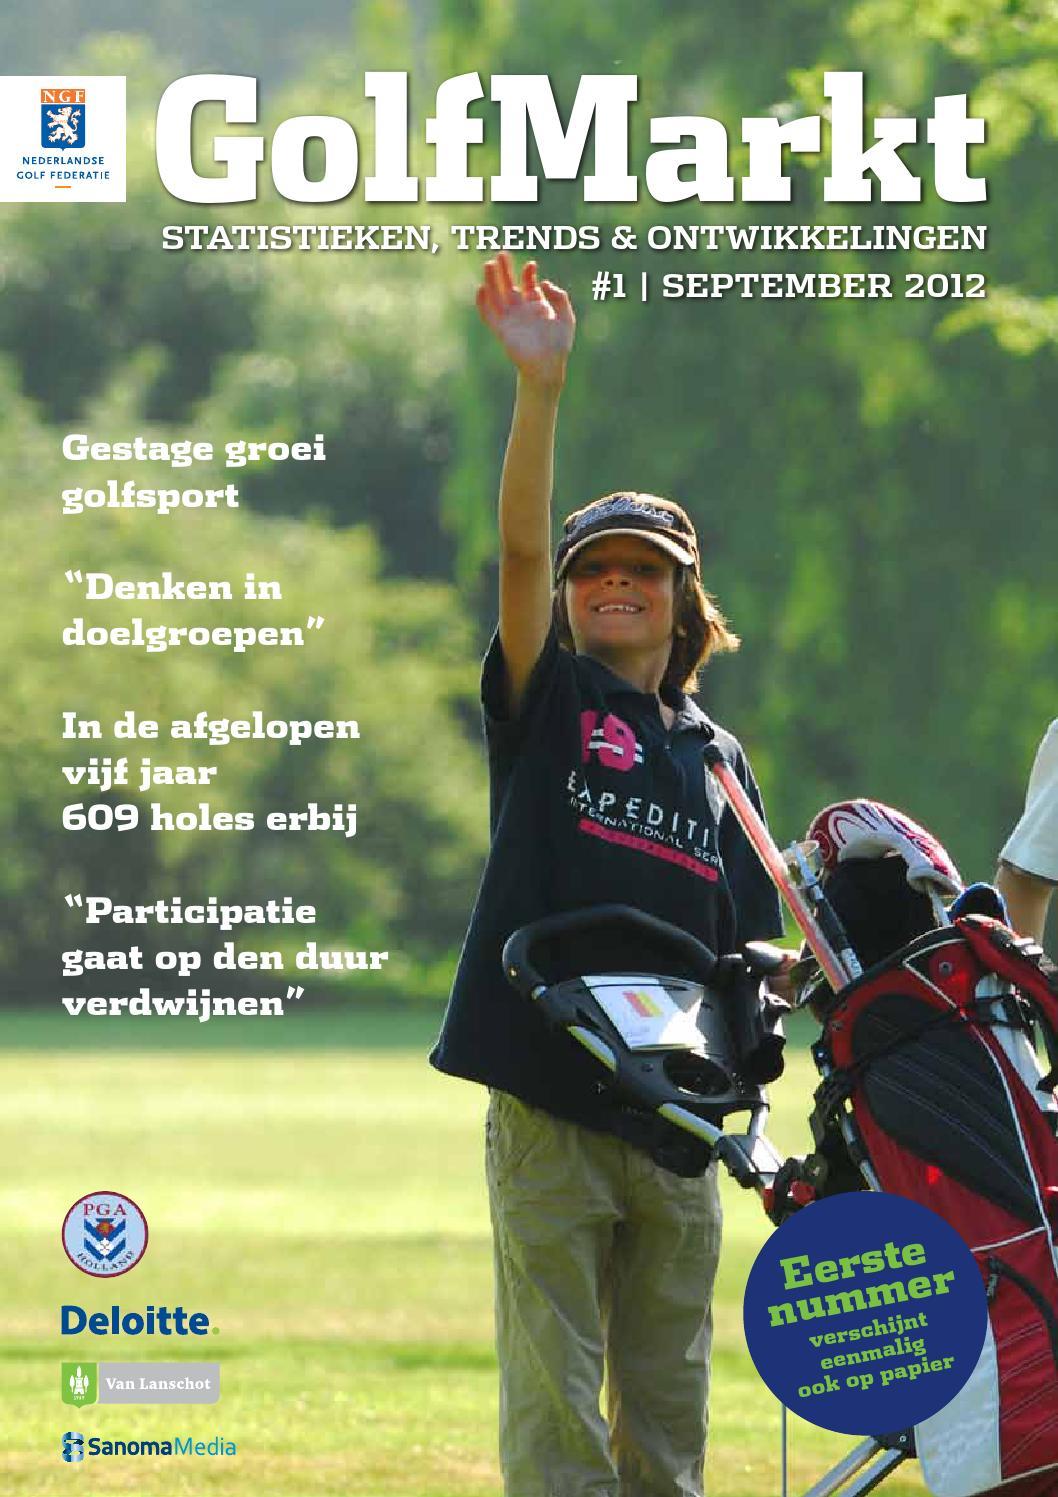 86bb9c0329c NGF GolfMarkt #1 by Koninklijke Nederlandse Golf Federatie - issuu